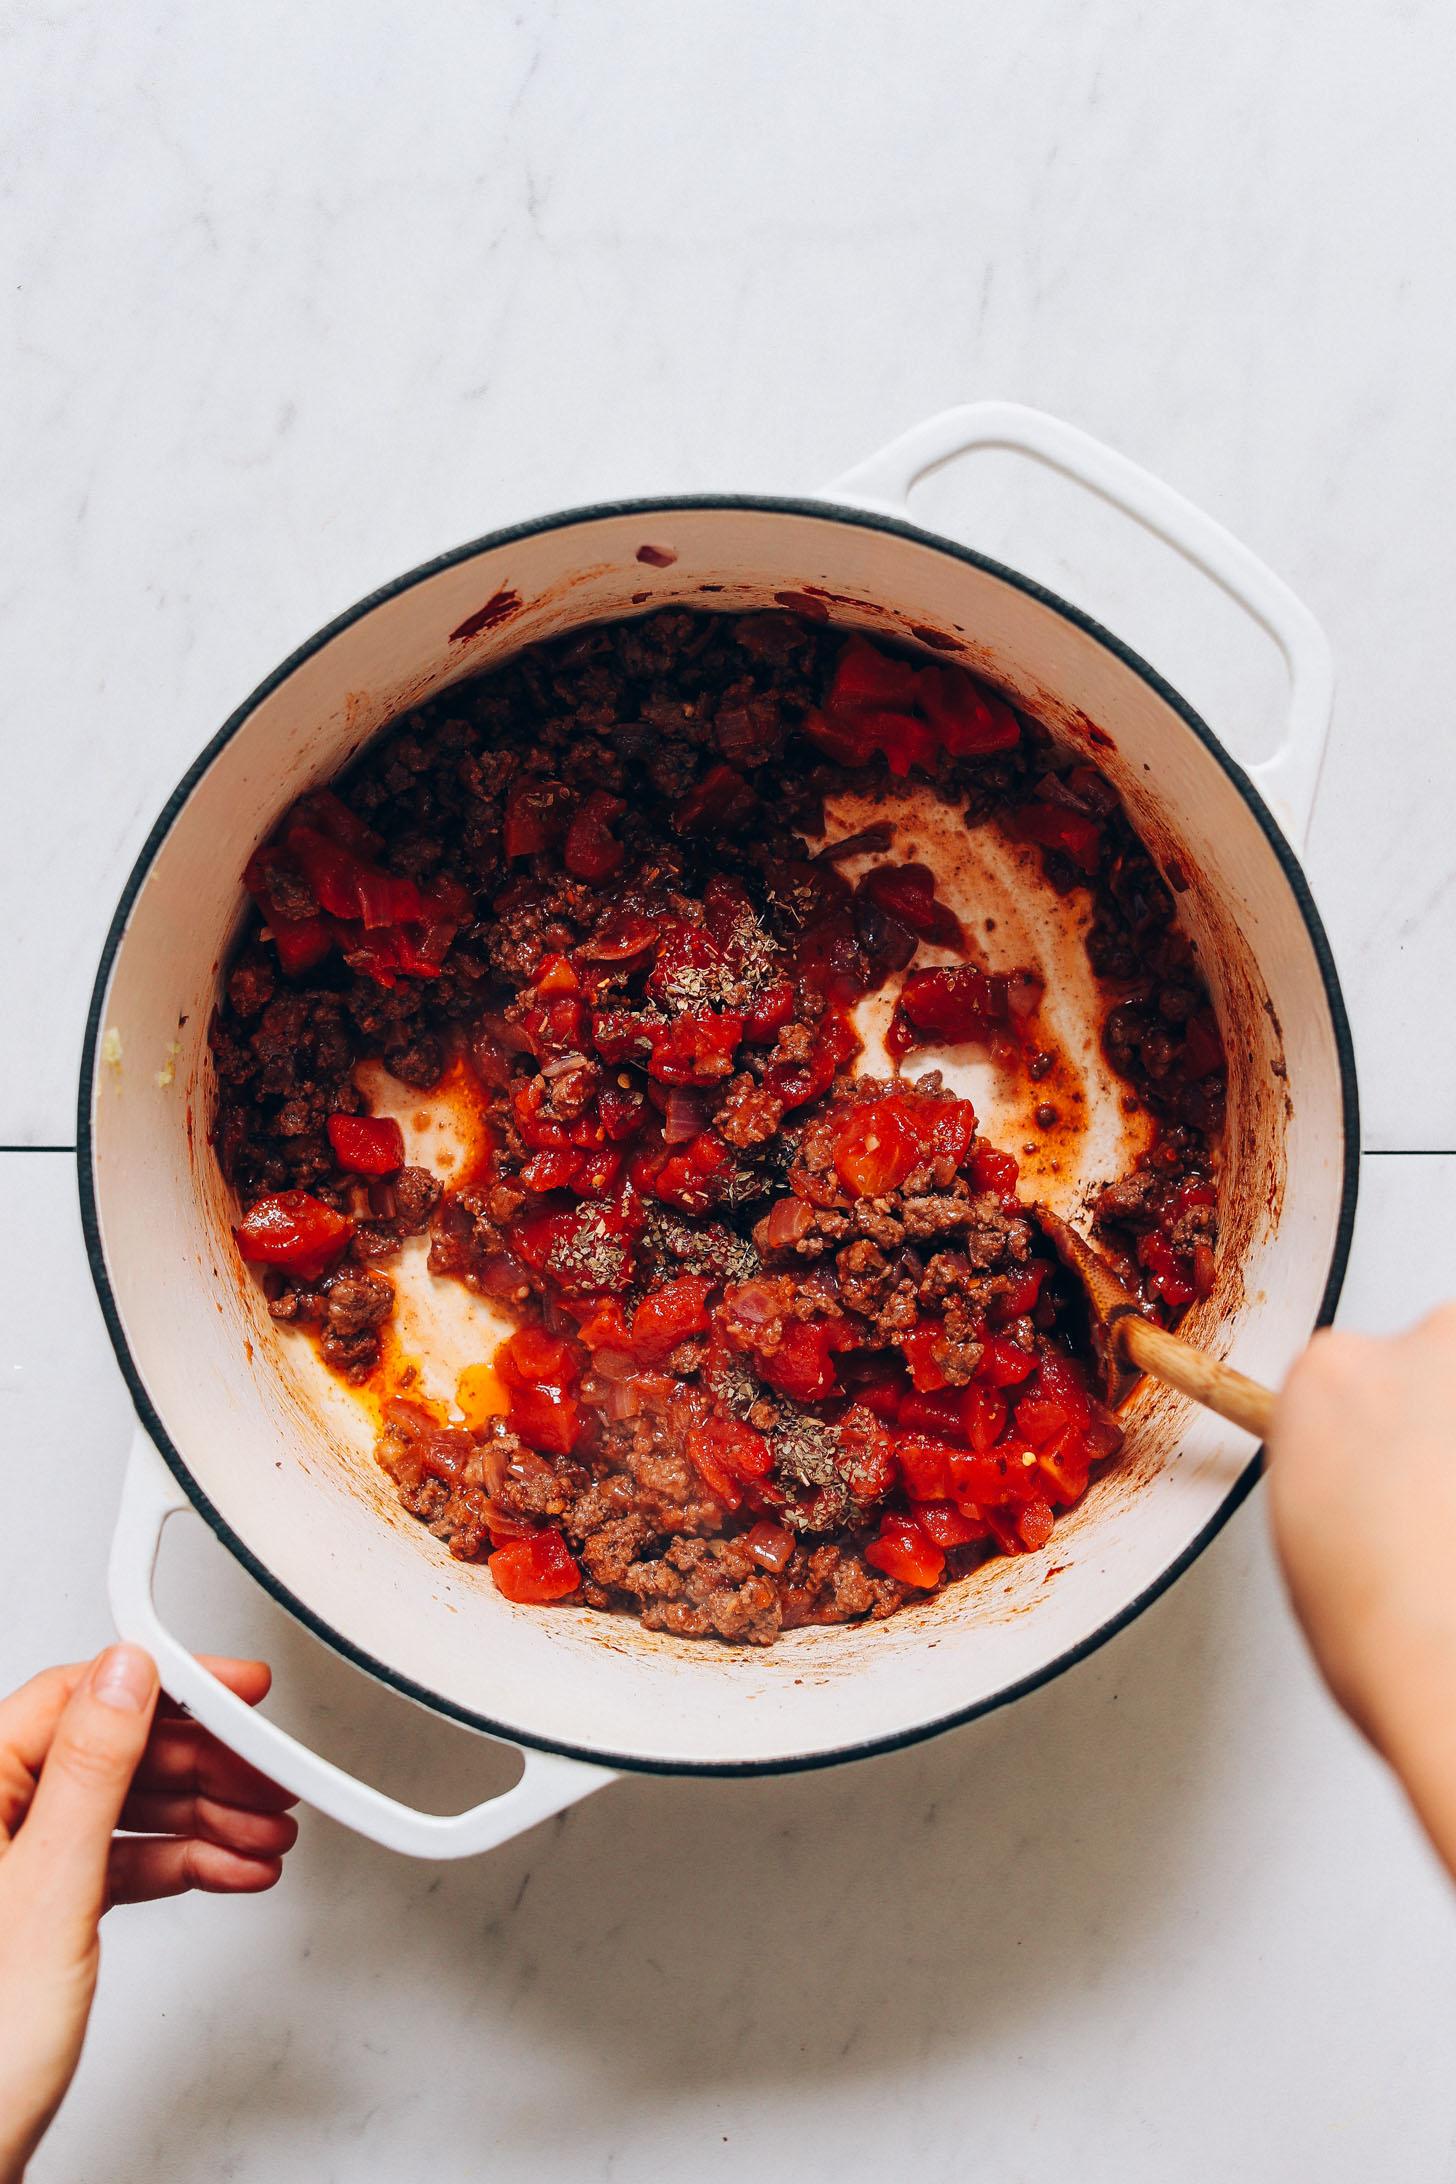 Revuelva la carne molida y los tomates para nuestra receta de sopa de carne y lentejas al estilo toscano